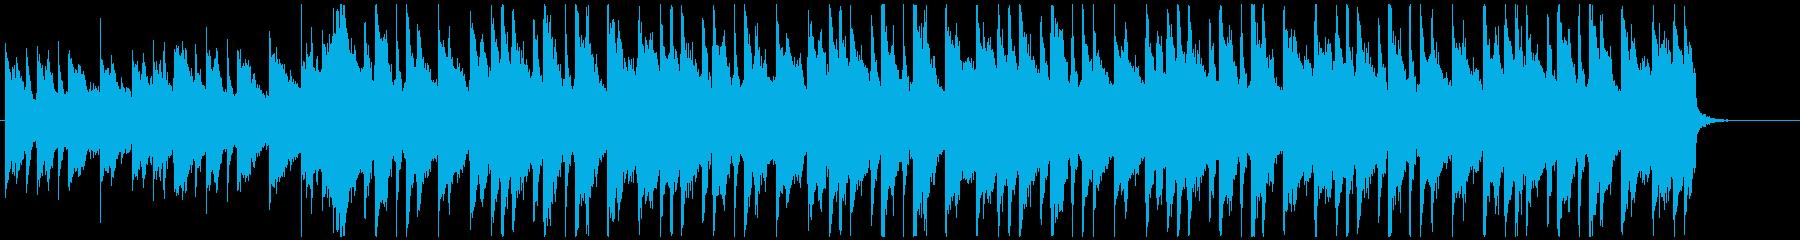 メロディアスでジャジーなHip-hopの再生済みの波形